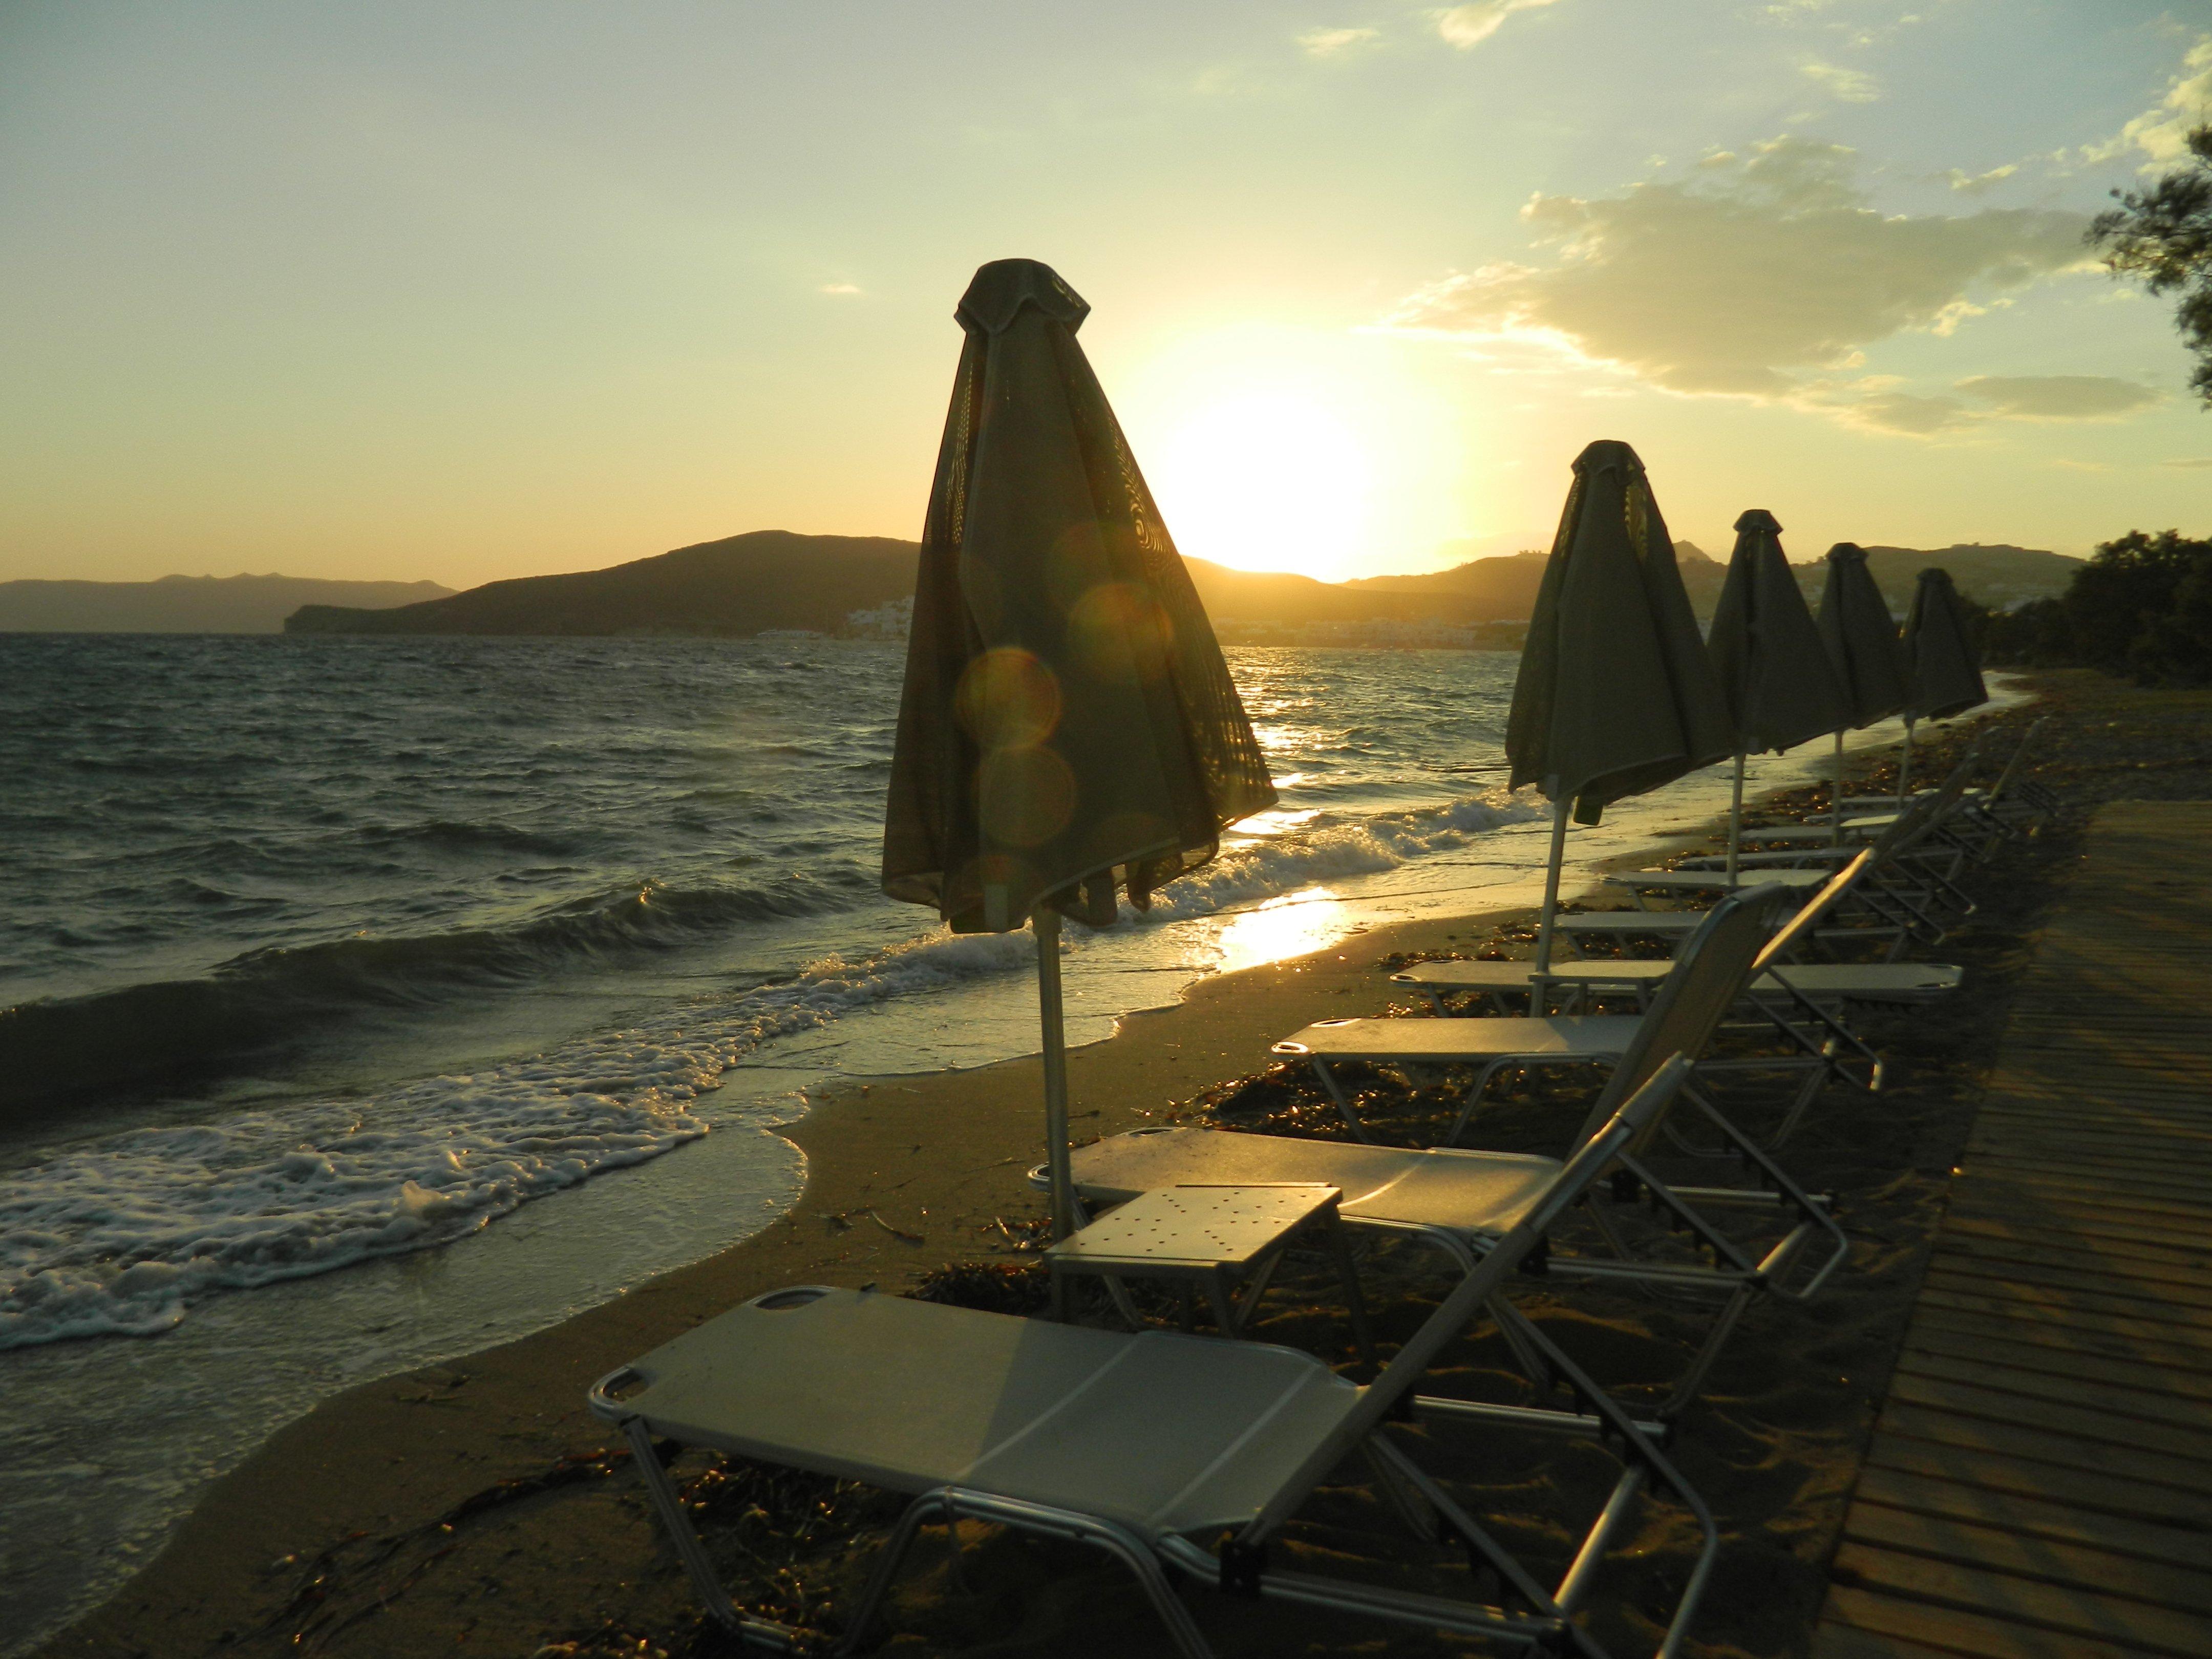 Sonnenuntergang Milos. Foto: Christian Maskos, Medienfotograf